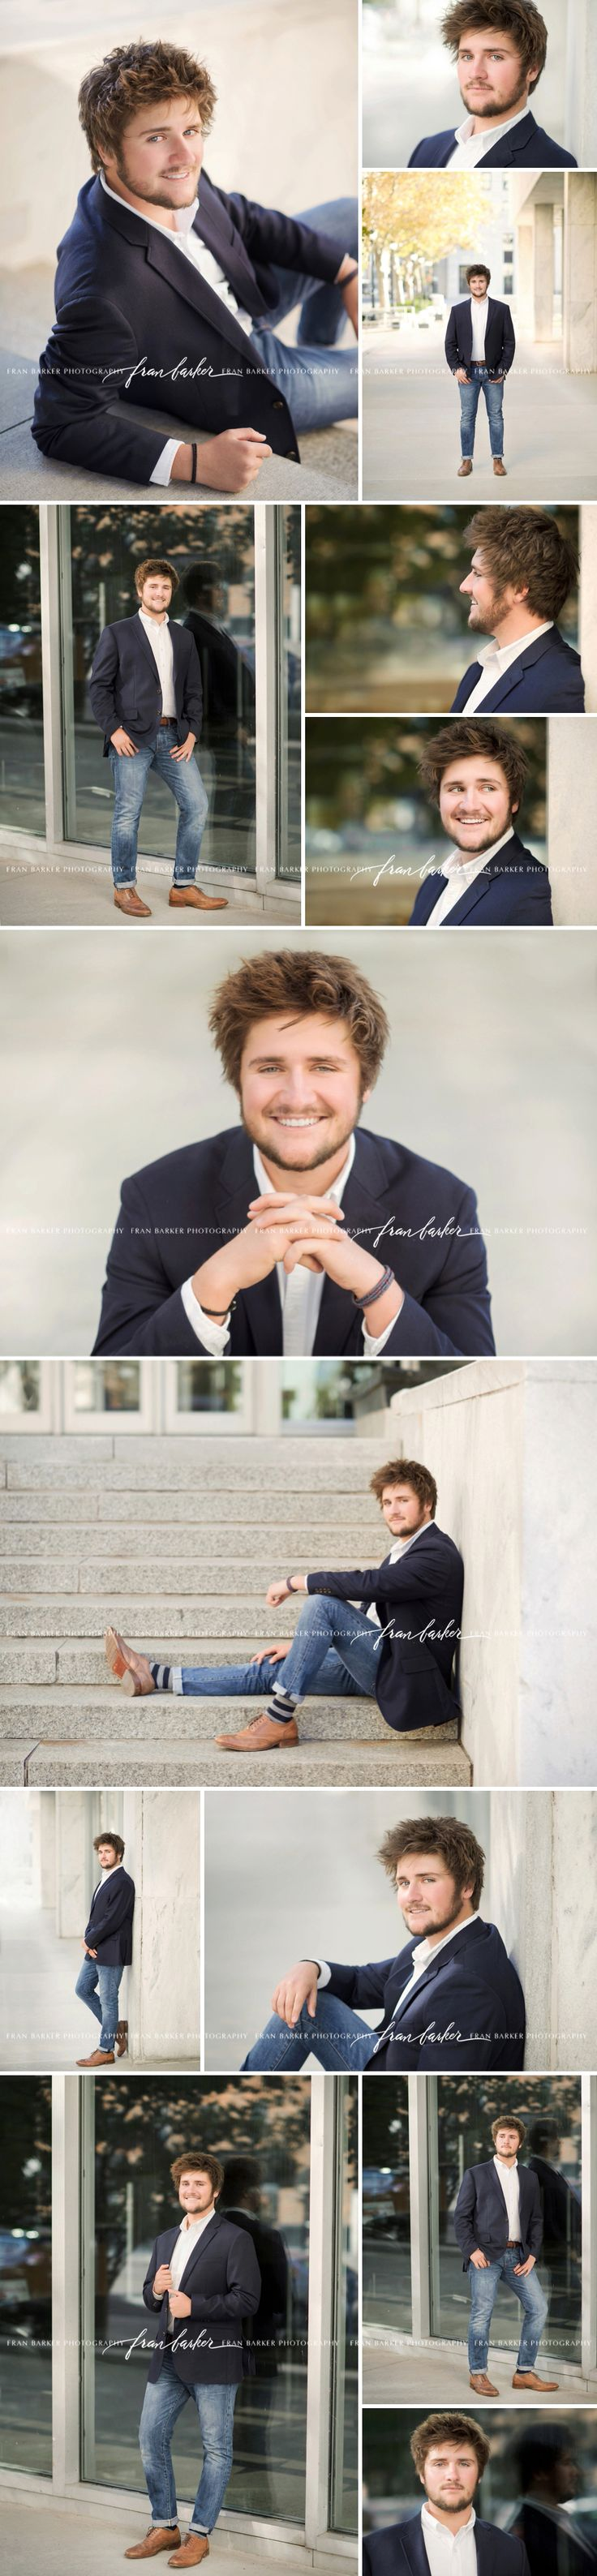 senior guy posing, senior boy styles, what to wear for senior pictures, senior portraits of boys, downtown senior portraits,